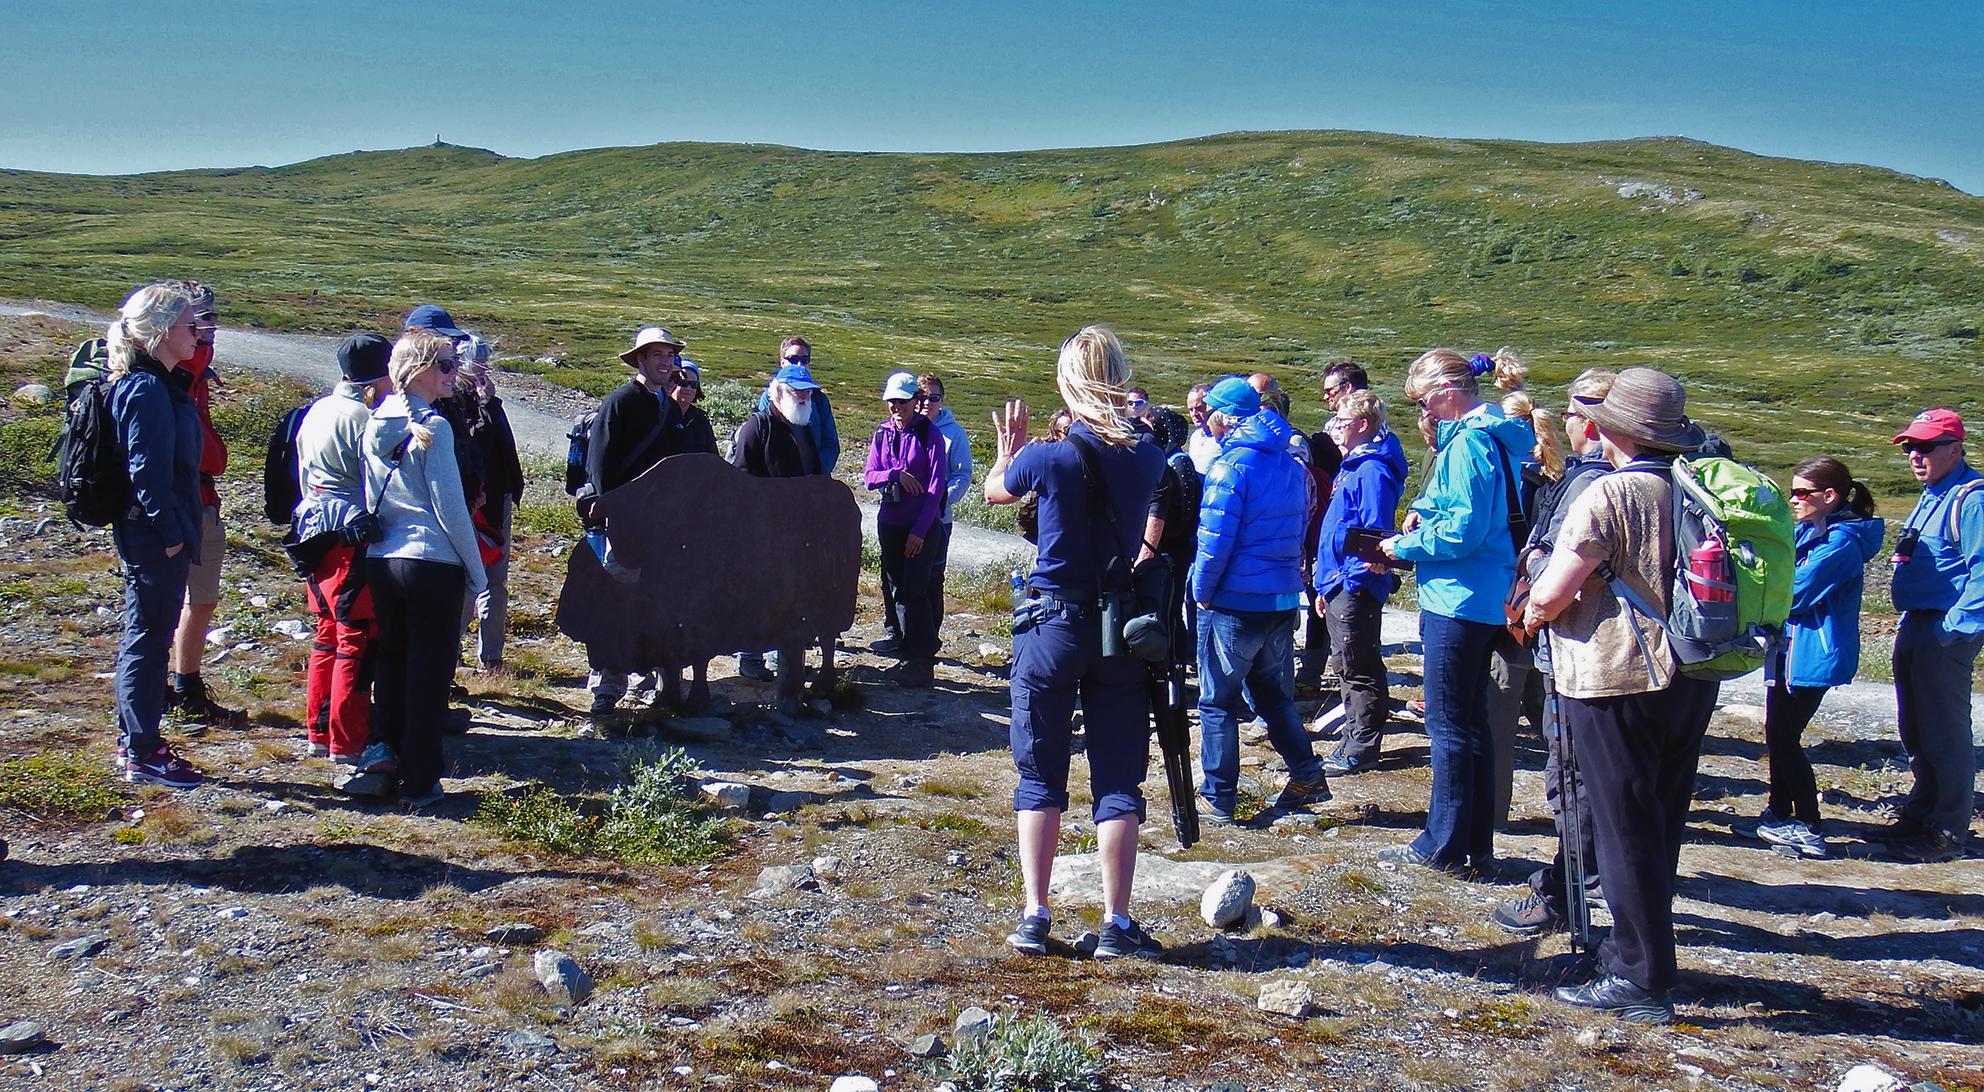 Naturveileder Heidi Ydse ved Norsk Villreinsenter Nord innleder entusiastisk ved starten av den historiske vandreturen opp til viewpoint Snøhetta på Tverrfjellet. Foto: Tor Punsvik